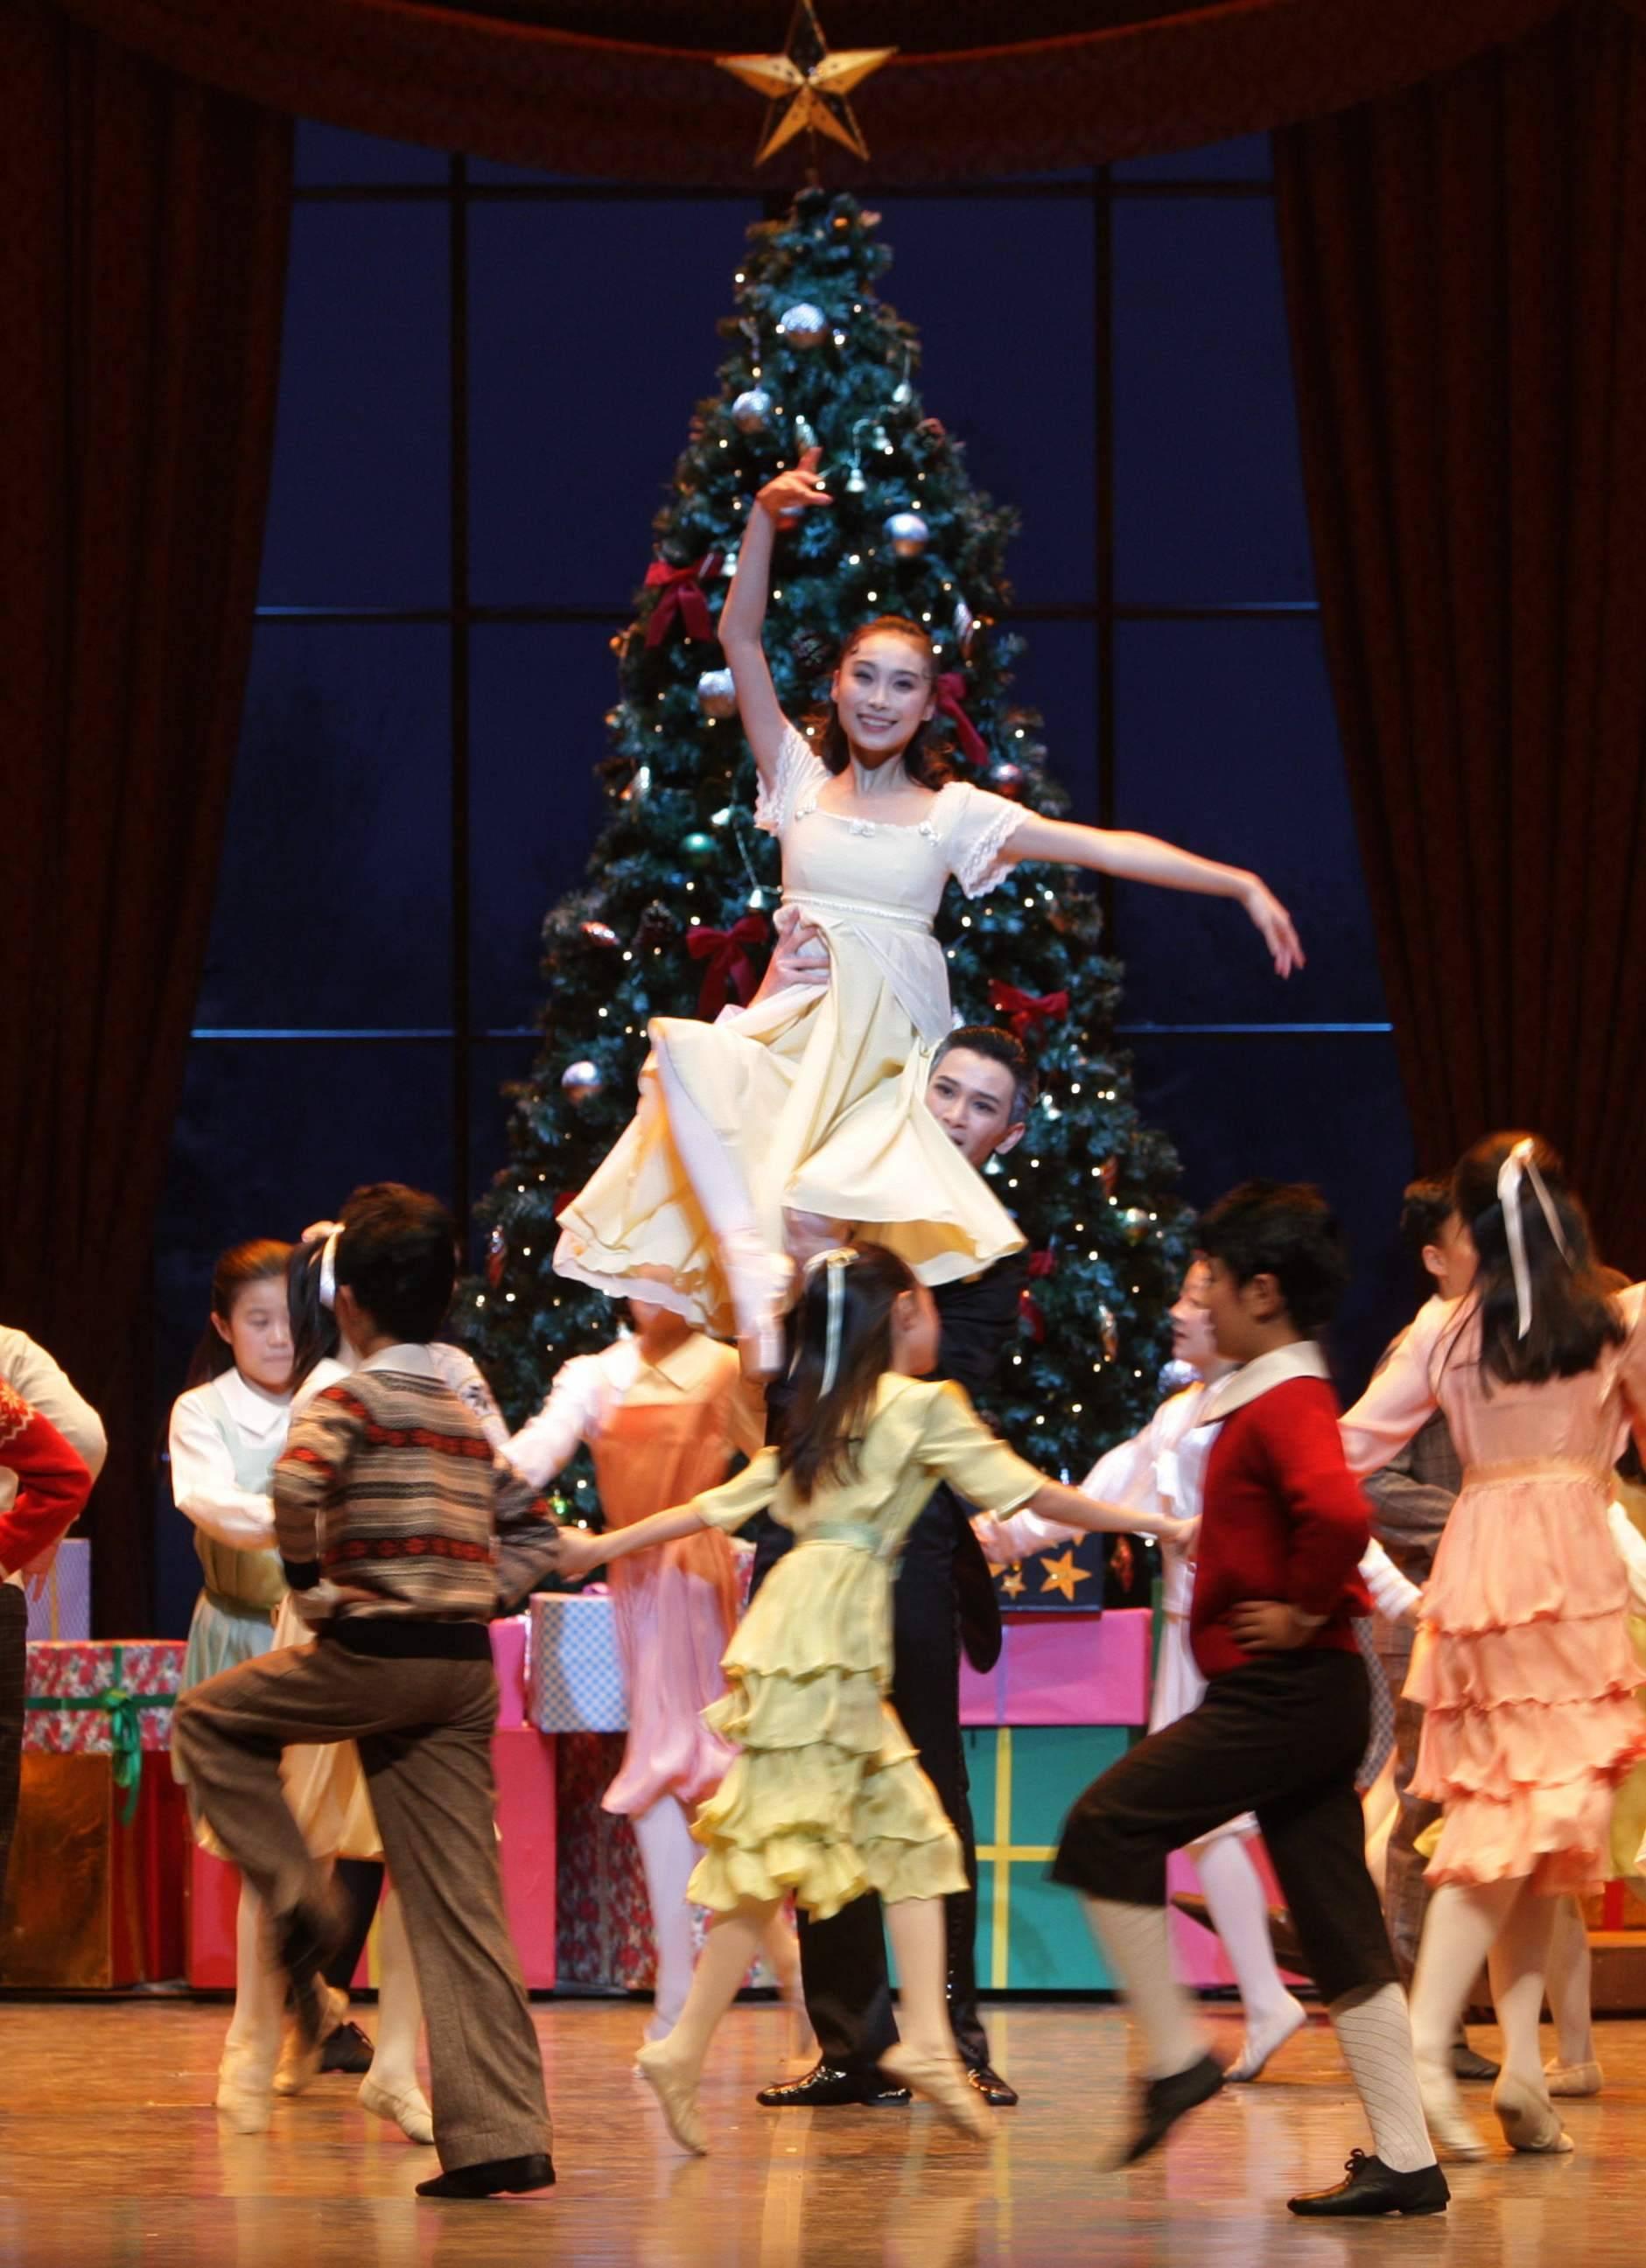 201712/Shanghai-Ballet-the-Nutcracker1.jpg